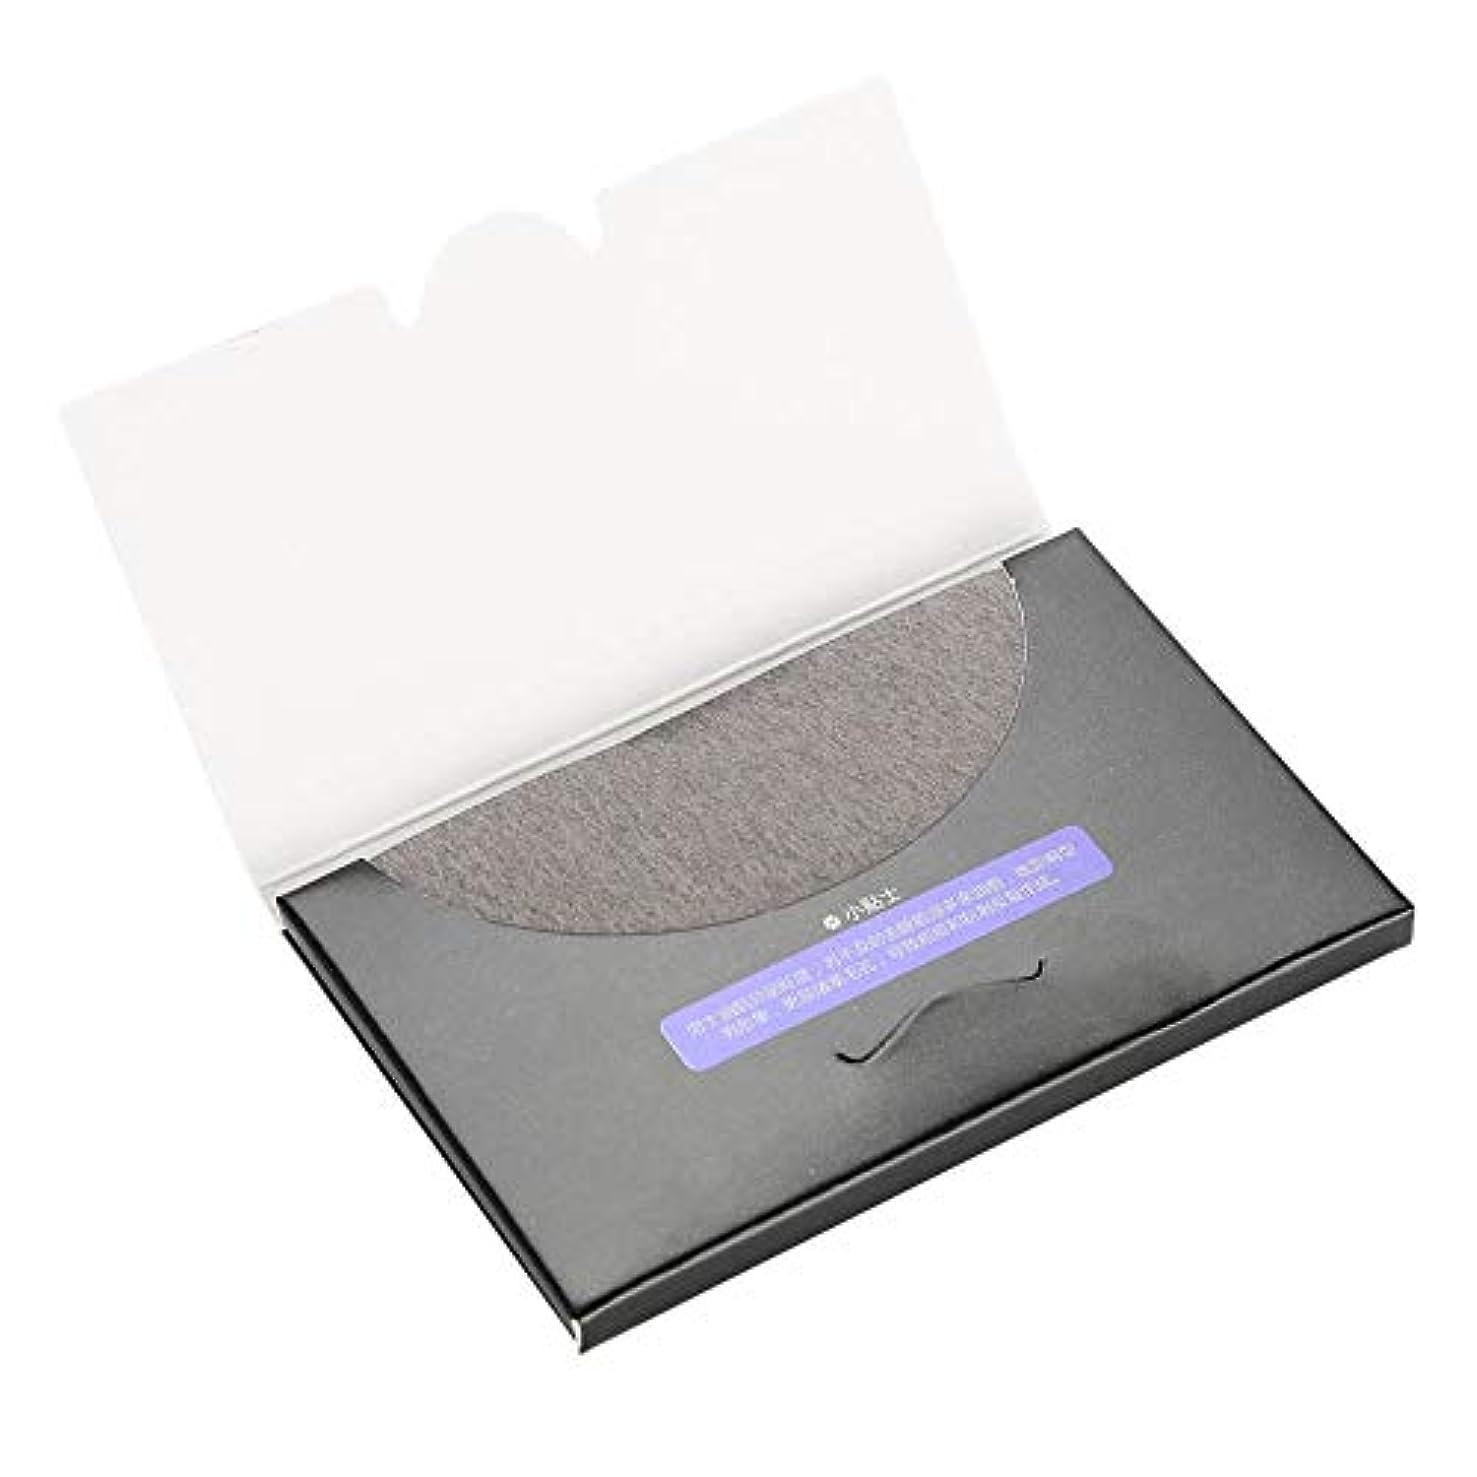 欠員漁師ジュース80枚/袋吸油布 - 化粧フィルムのクリーニング、吸い取り紙の消去 - きれいな吸い取り紙